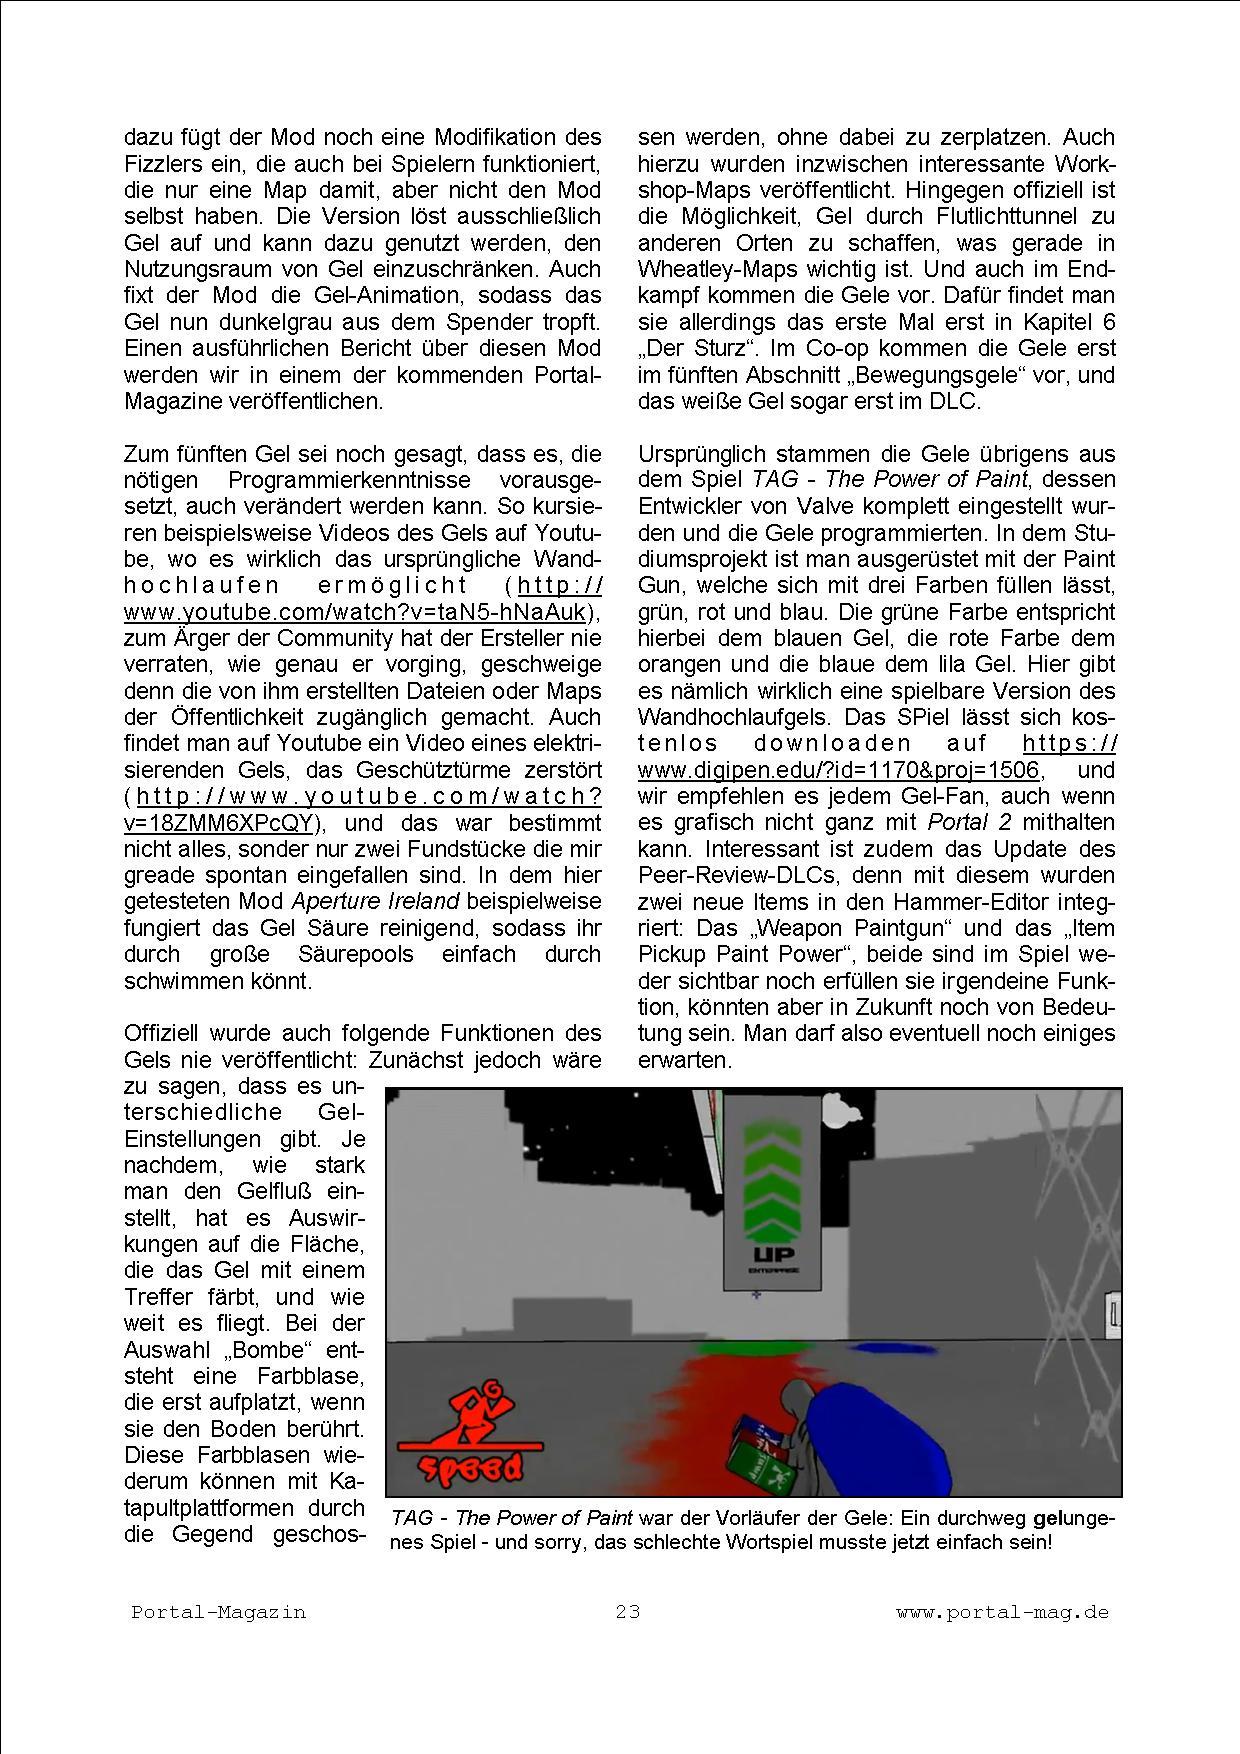 Ausgabe 12, Seite 23